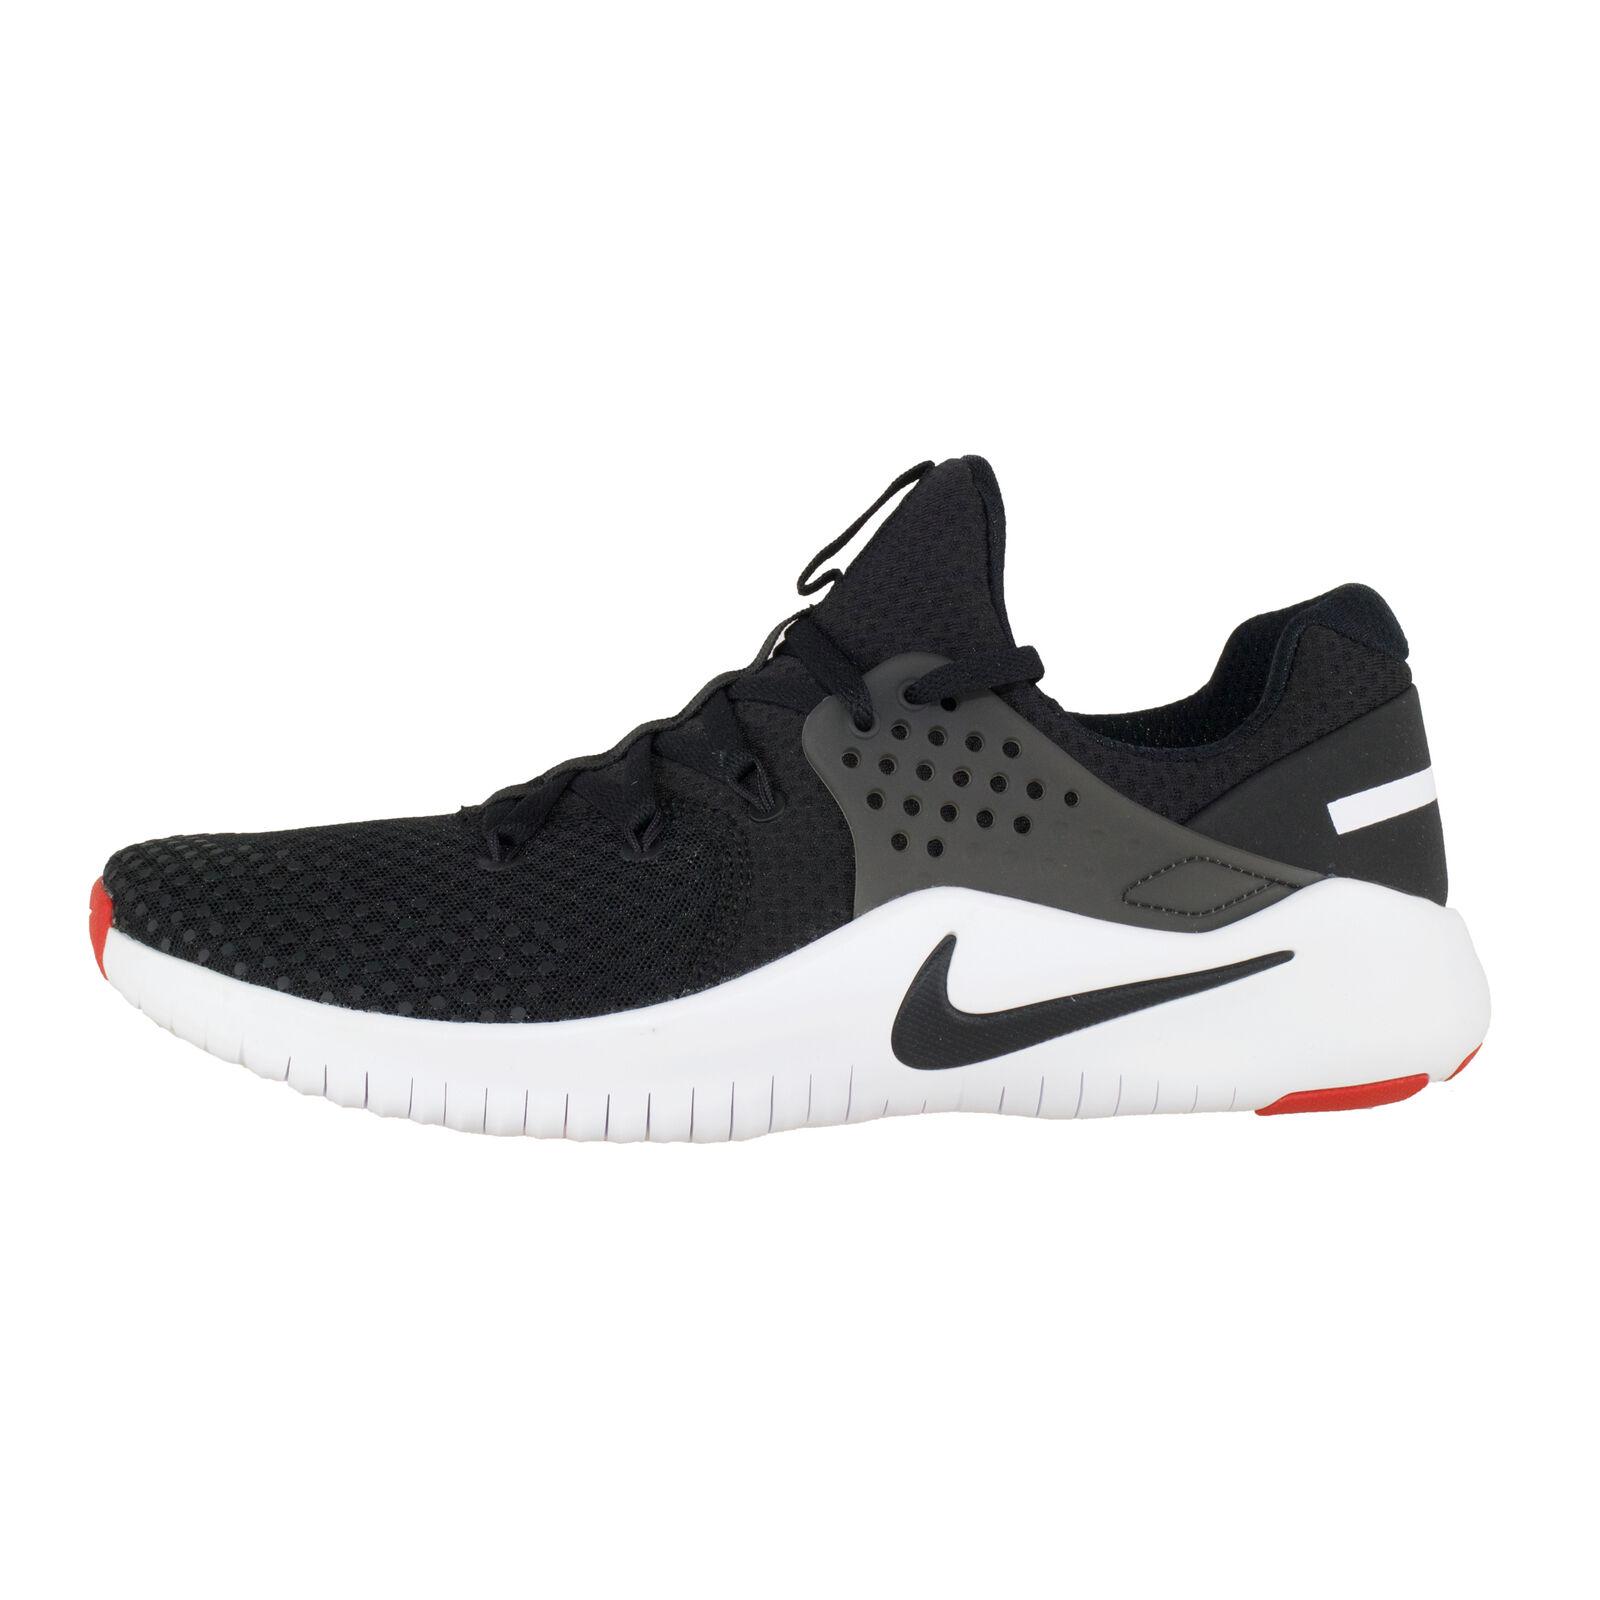 Nike Free TR V8 schwarz weiß - Trainingsschuh Trainer AH9395-004